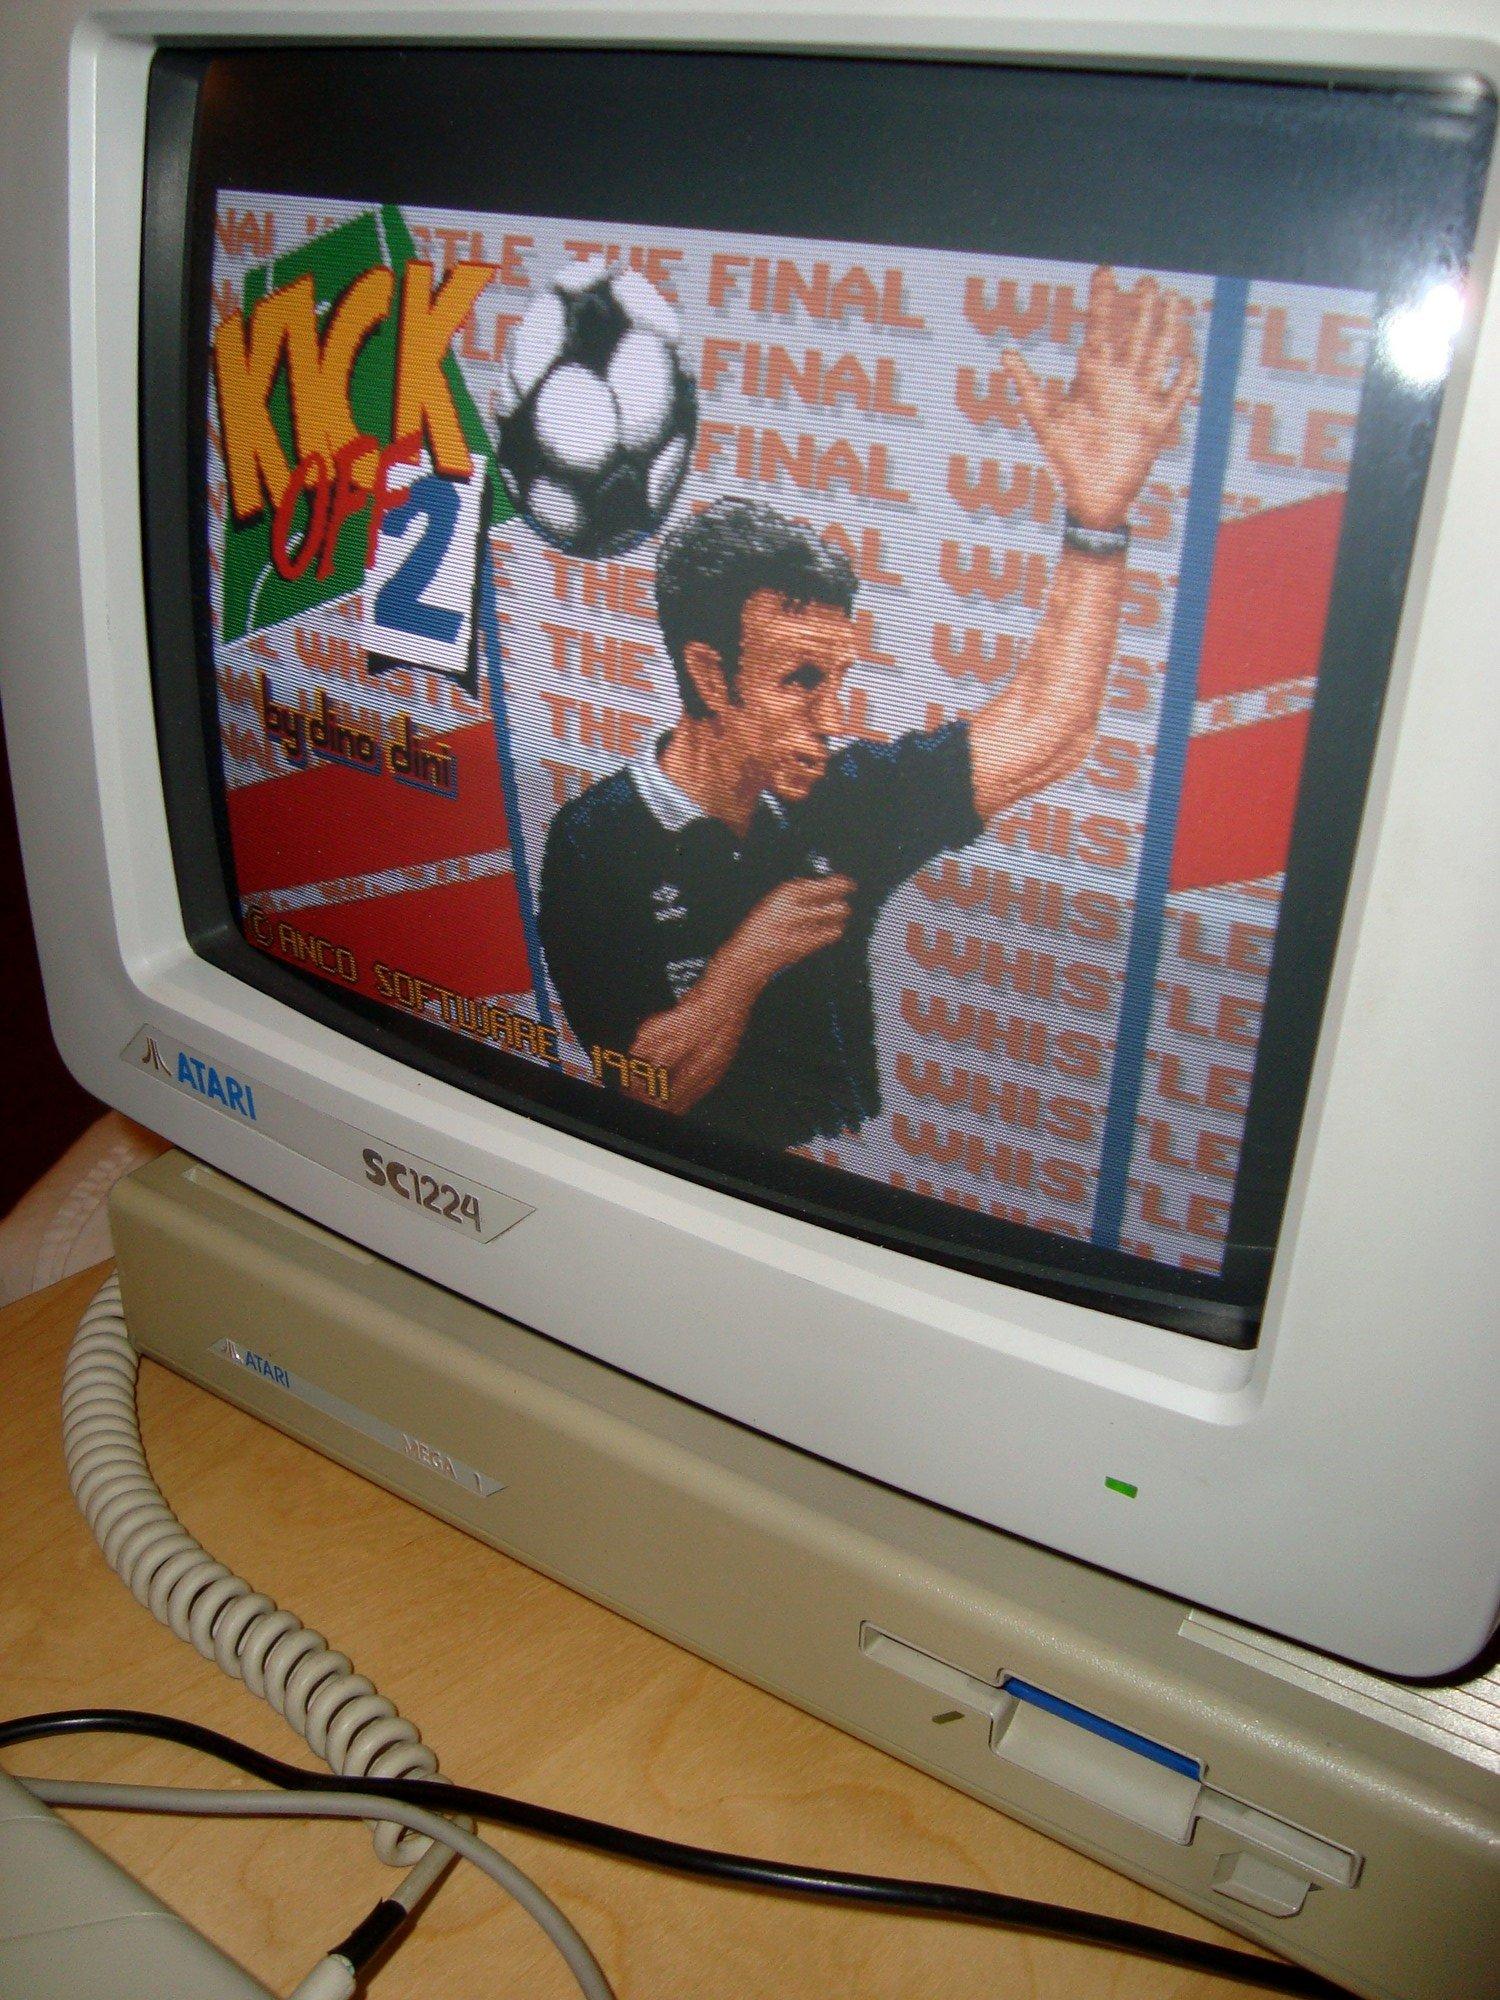 [TEST] Kick Off 2 - Atari ST 201129081811103754